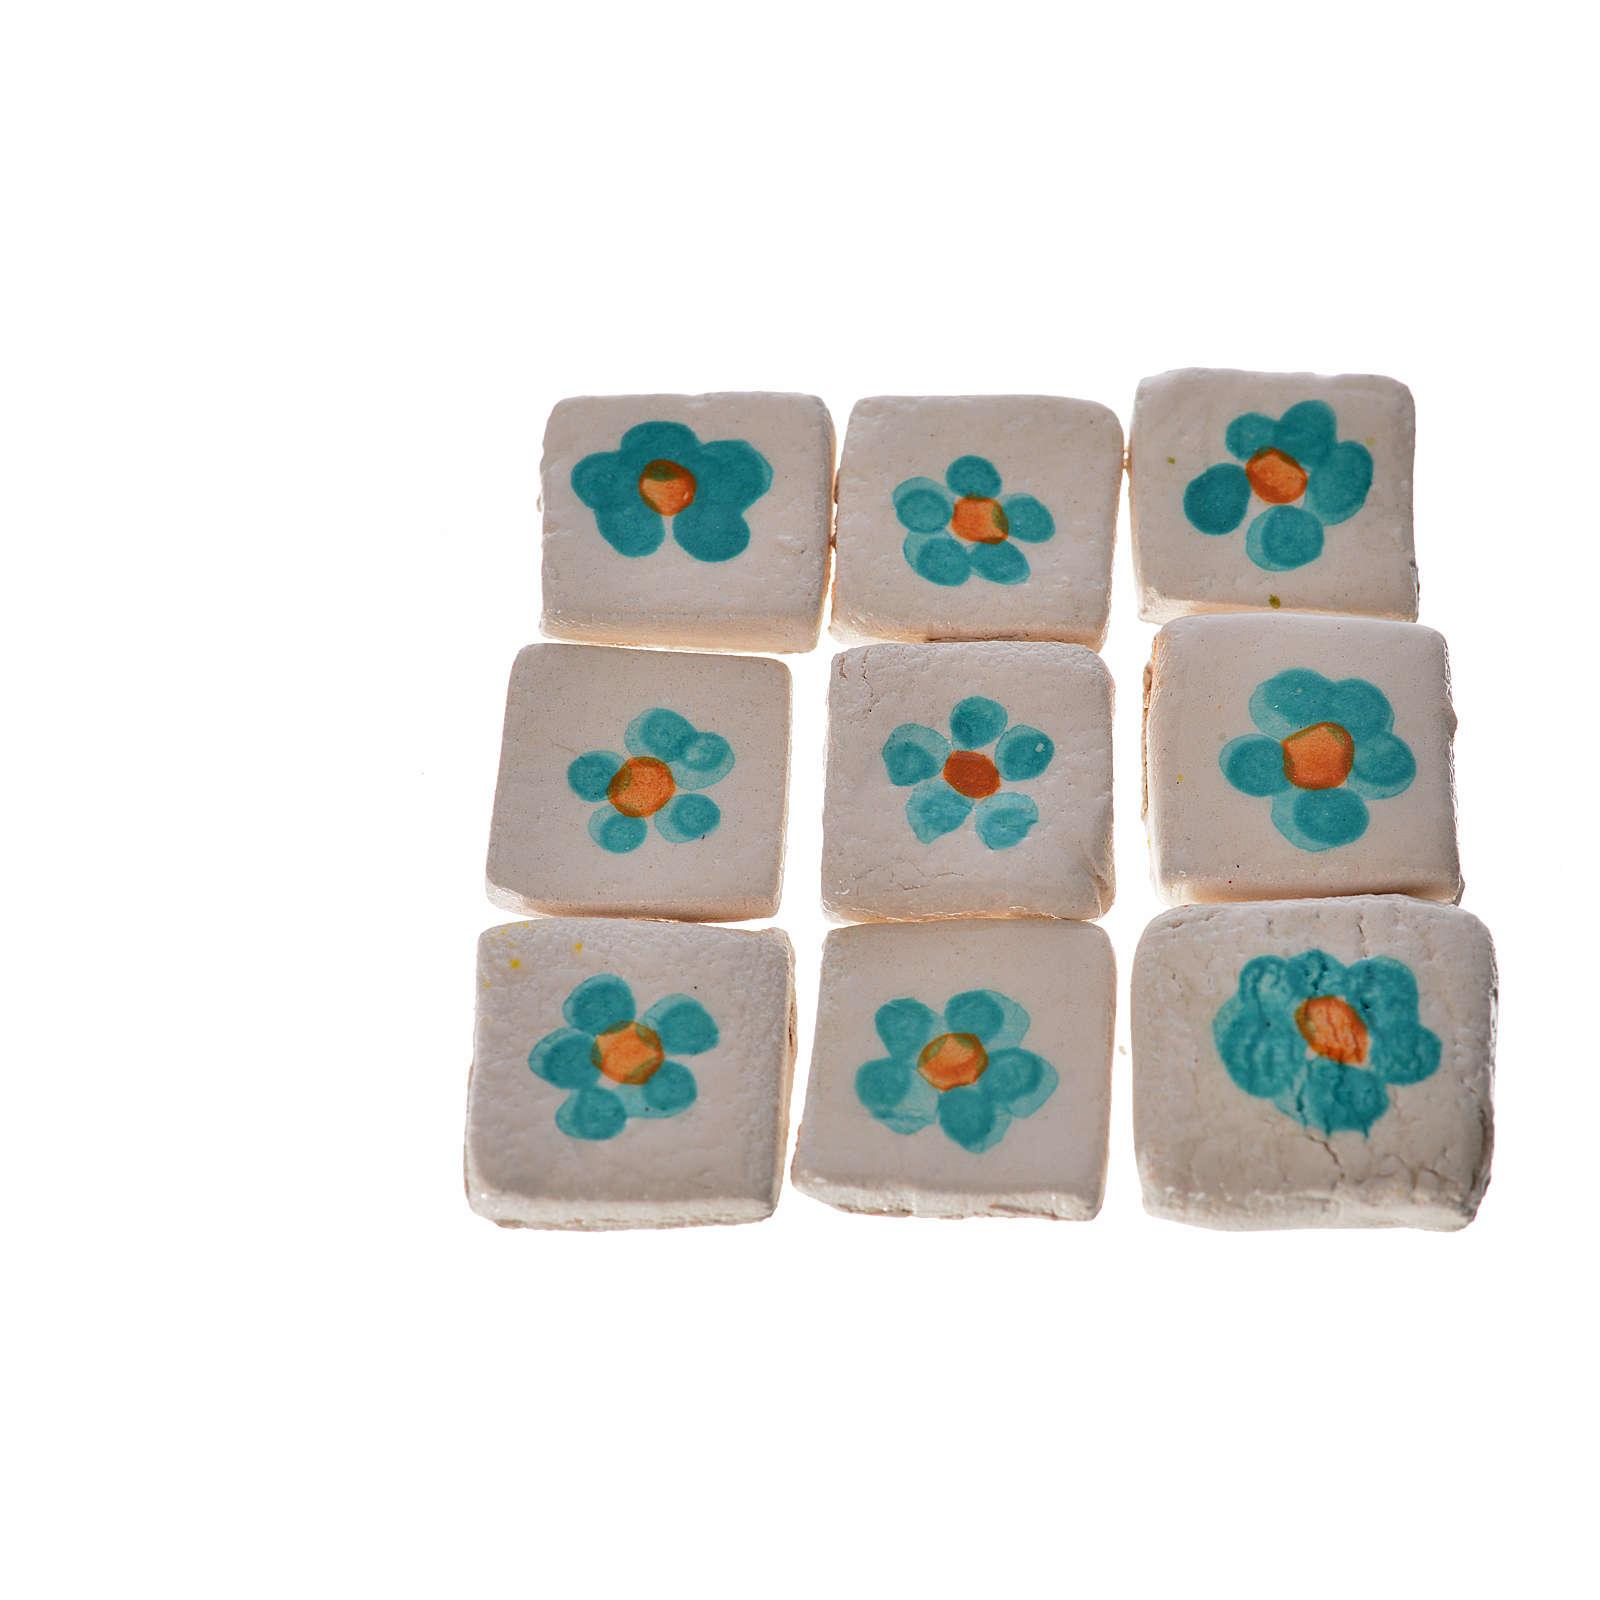 Mattonelle terracotta smaltate 60 pz fiore verde per presepe 4